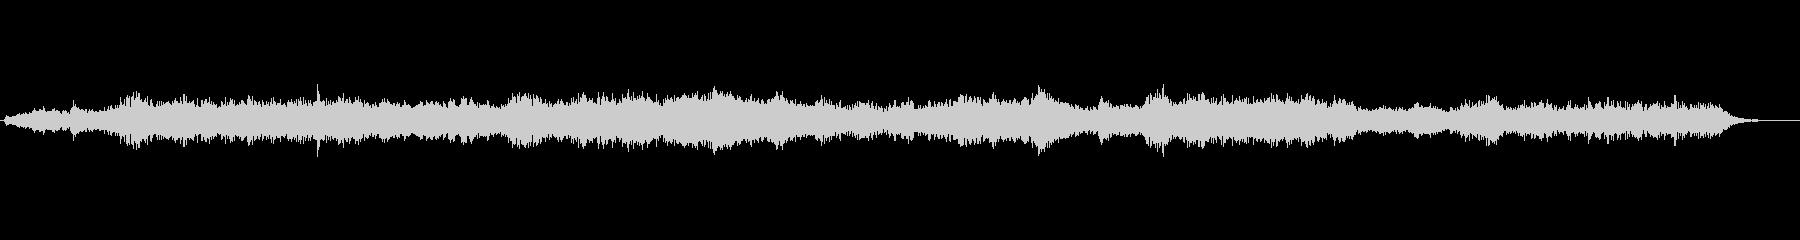 【効果音】ホラー系環境音(アンビエント)の未再生の波形